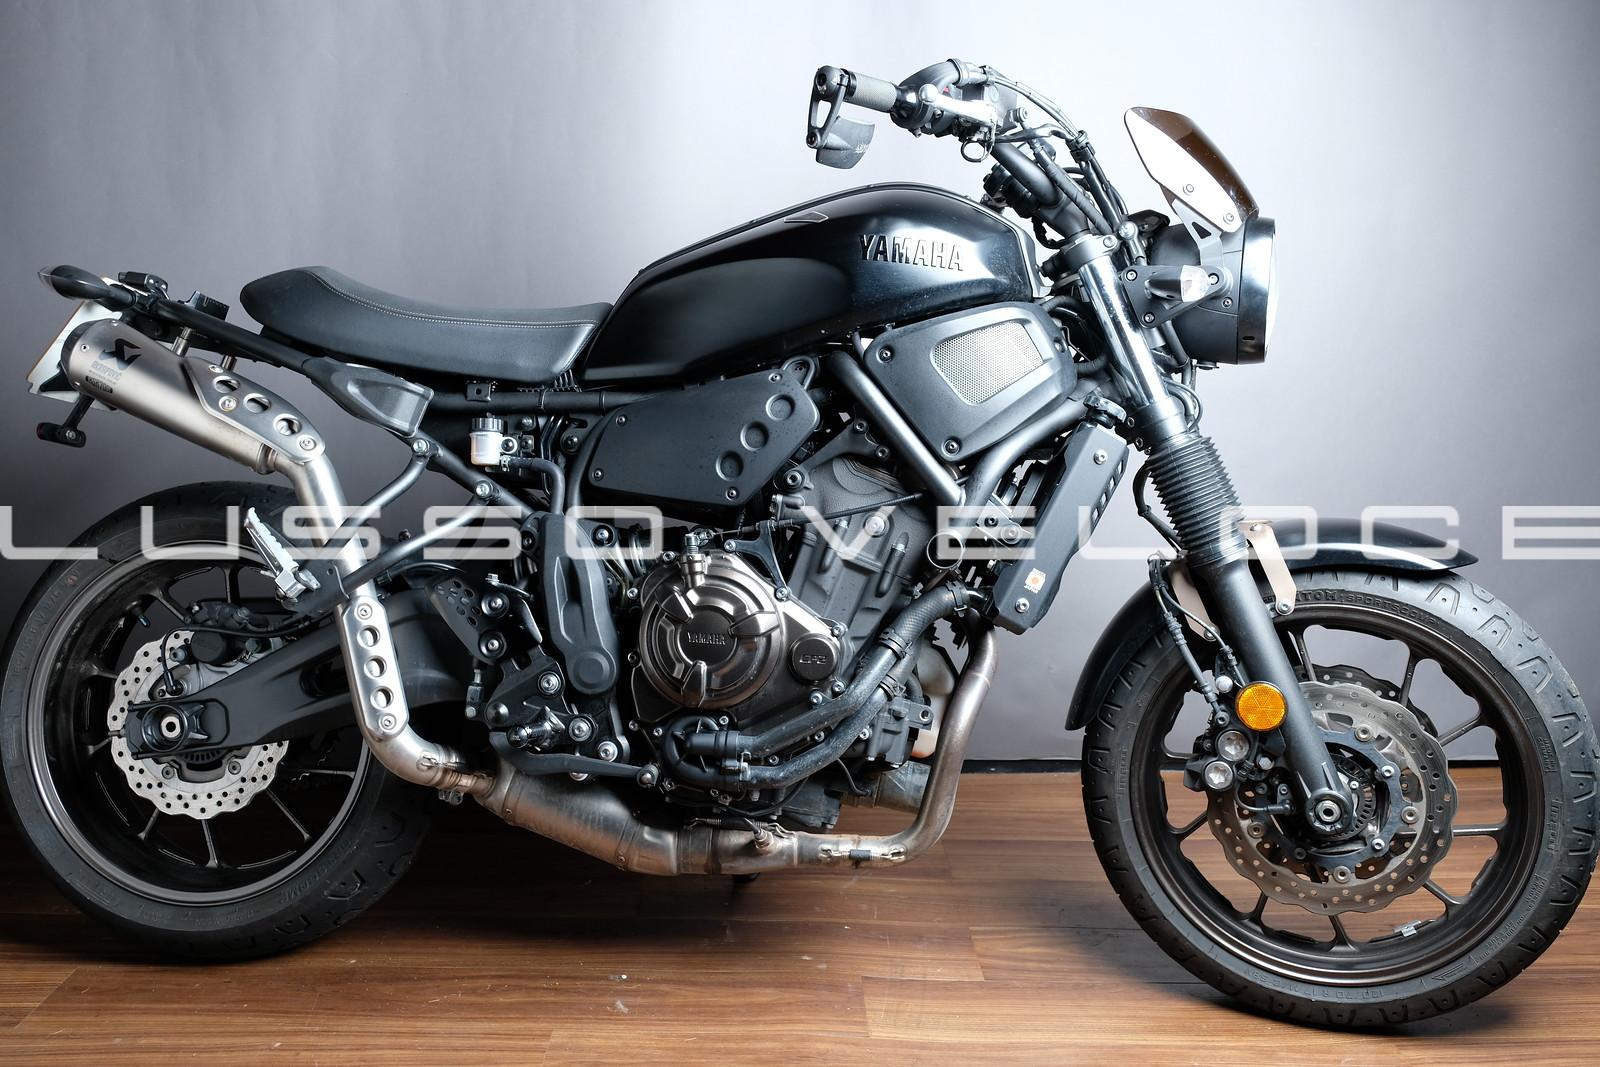 Yamaha XSR 700 Twin